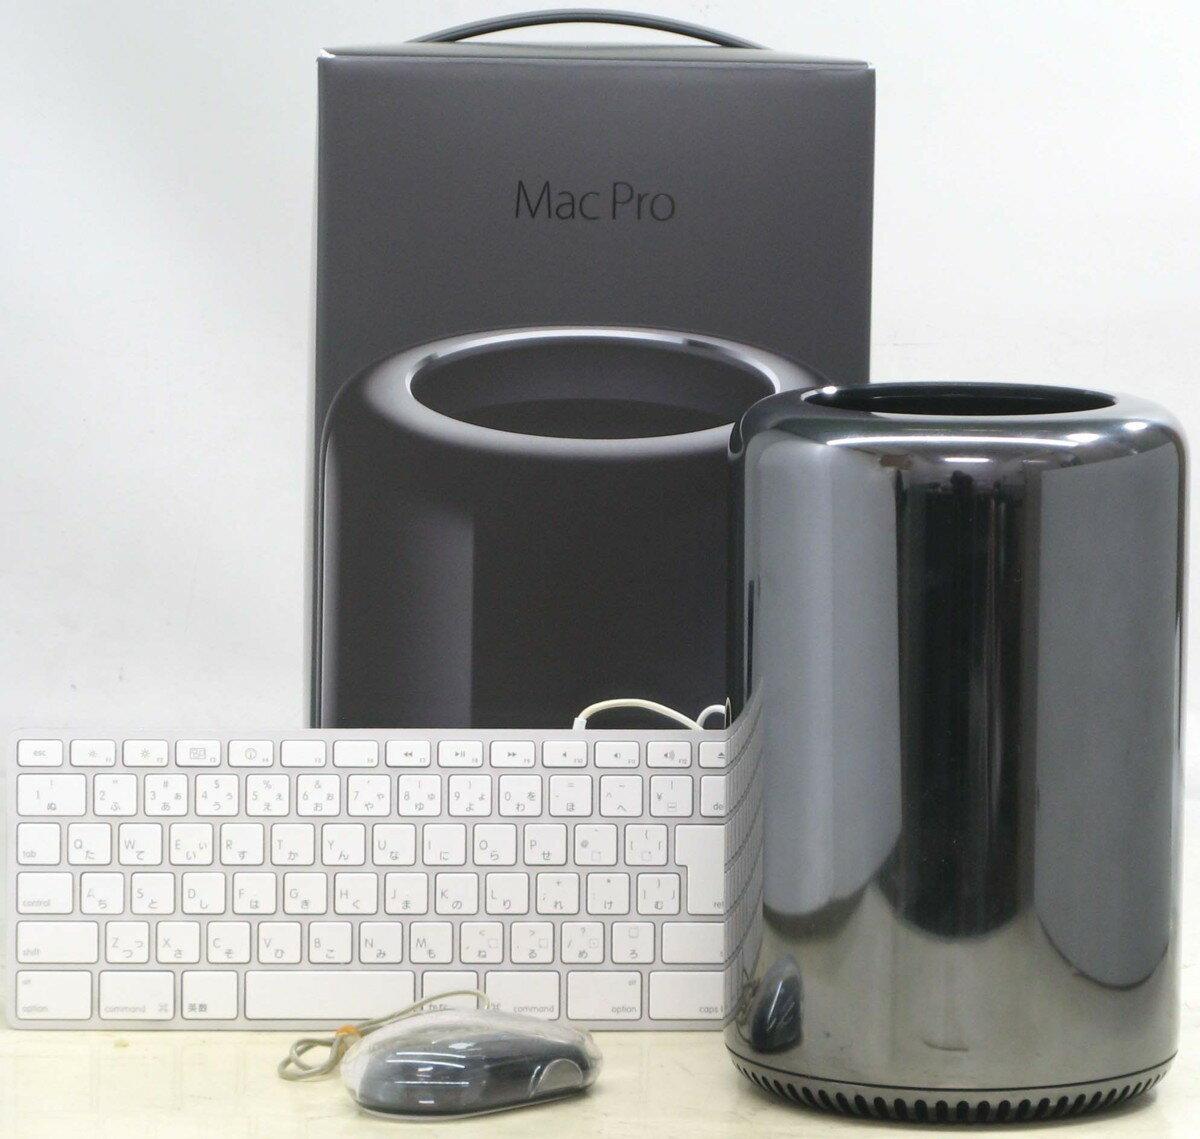 パソコン, デスクトップPC Apple Mac Pro MD878JA Xeon 3.5GHz 16GB SSD256GB Mac OS 10.15.3 MAC